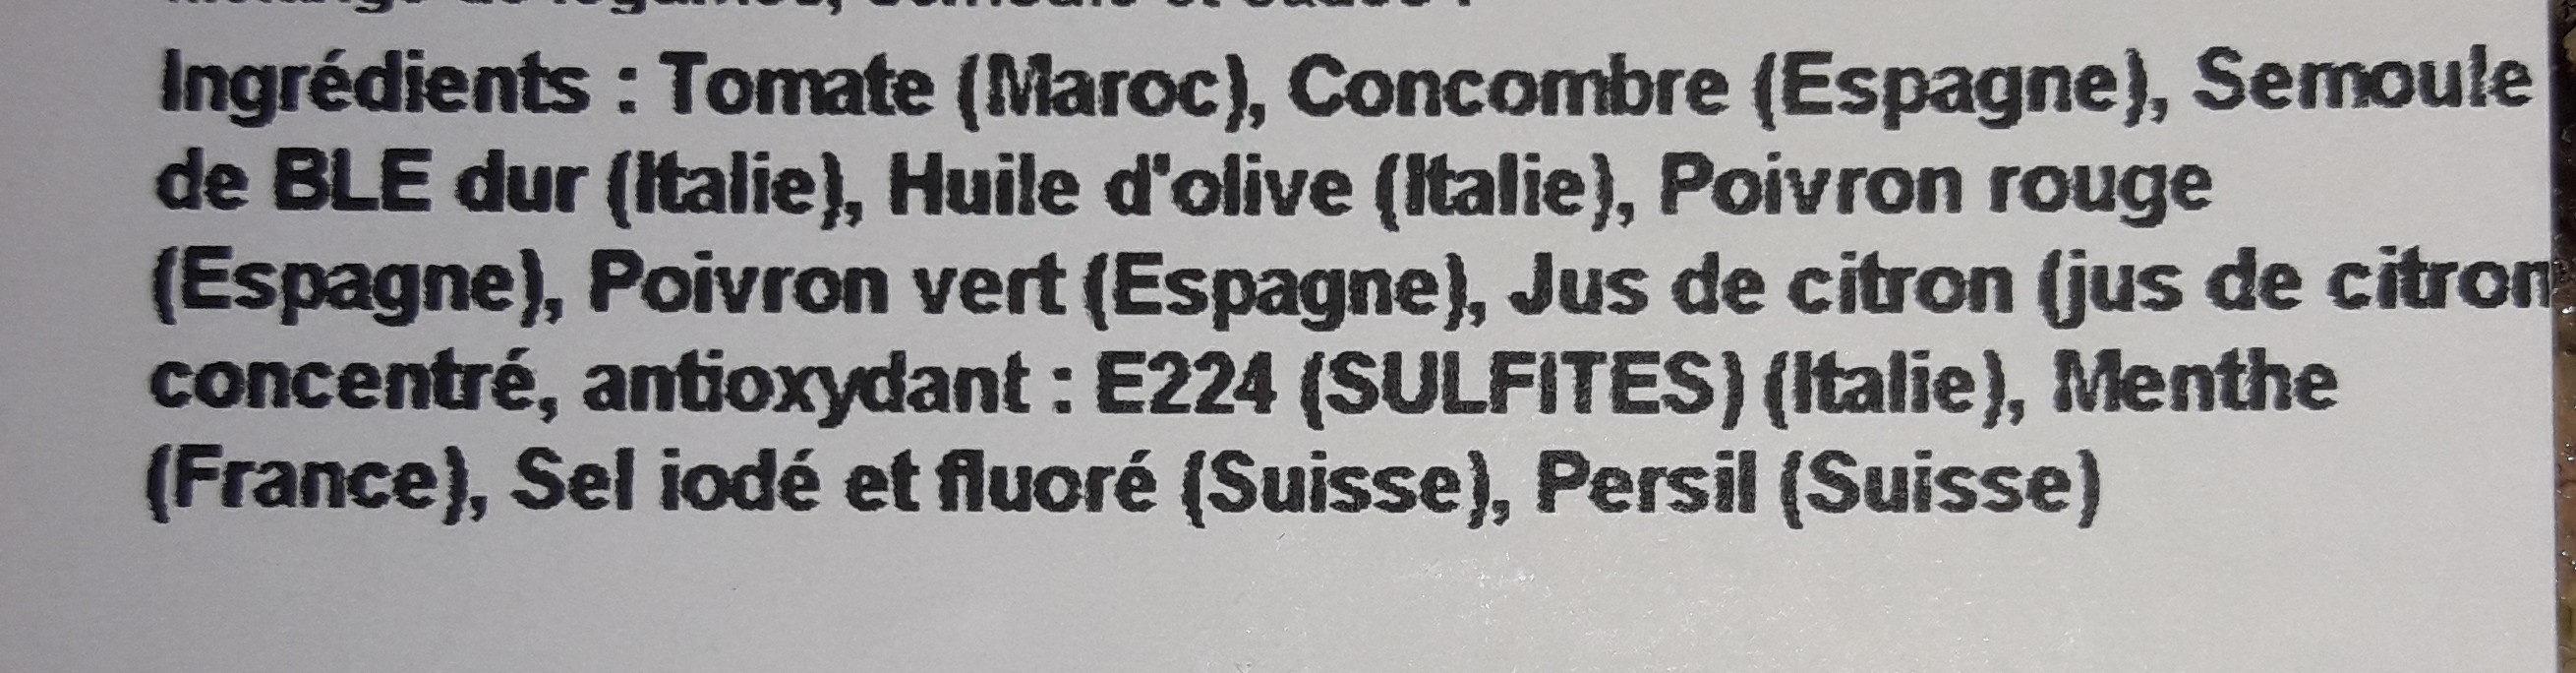 Taboulé n°207 - Ingrédients - en